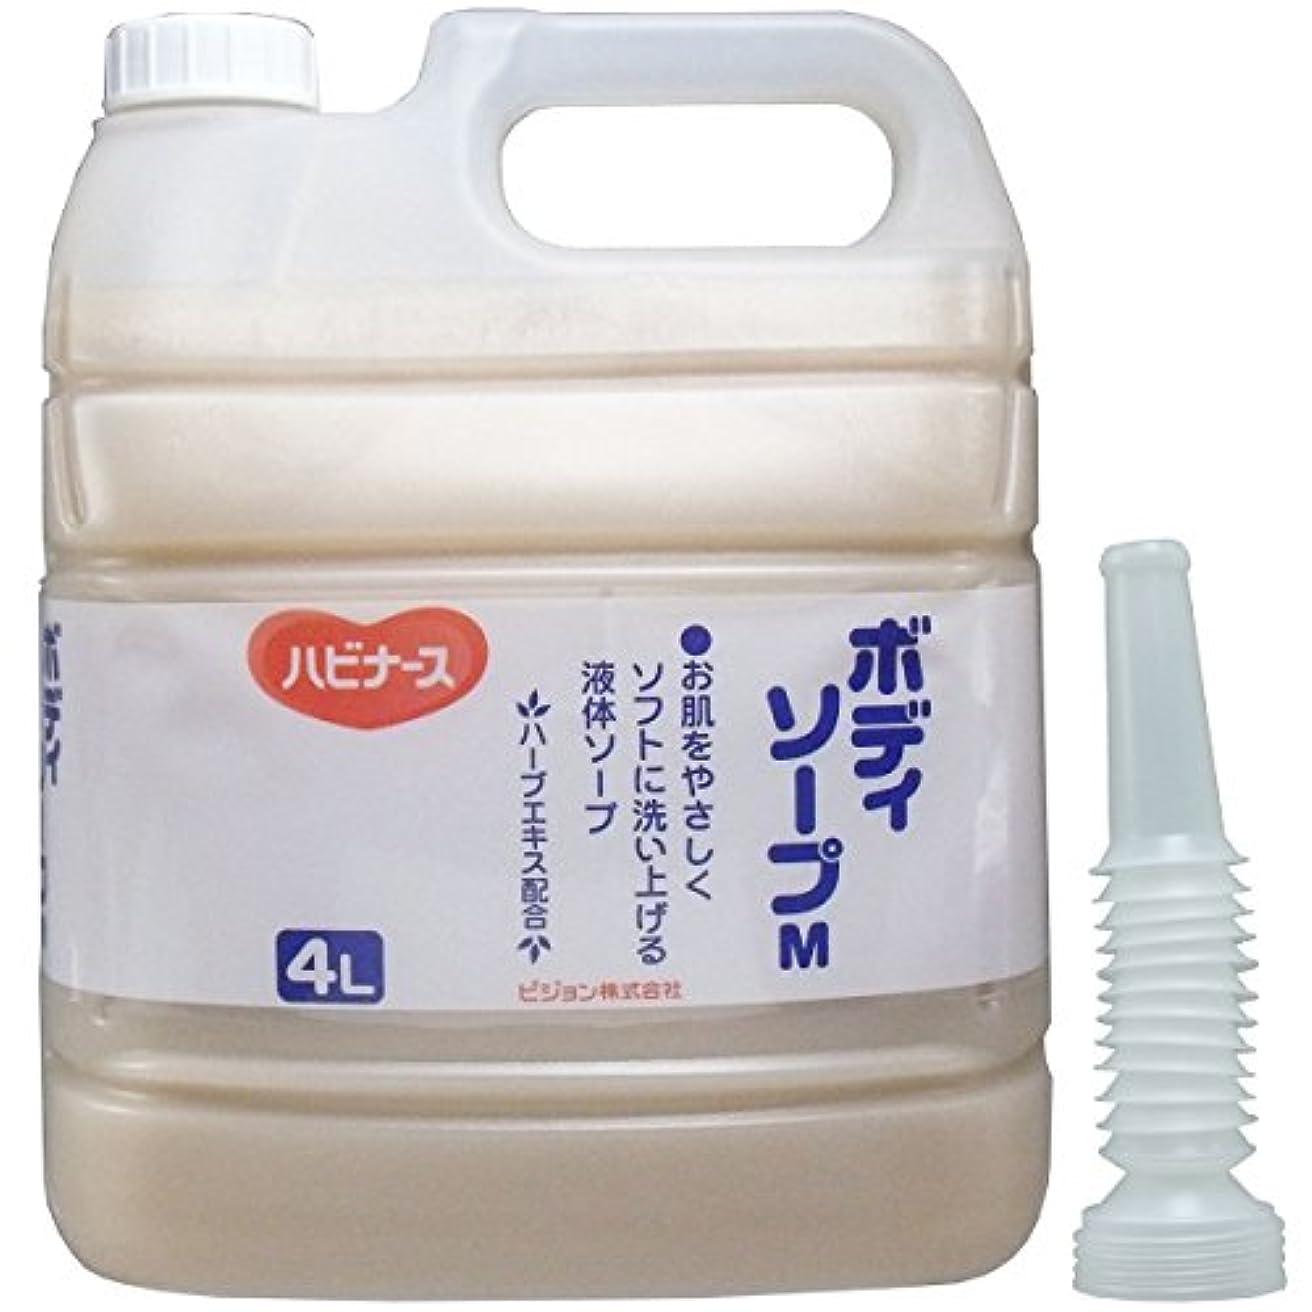 ハクゾウ CoCoemi (18L) 全身洗浄料 【ハクゾウ】 (ココエミ)